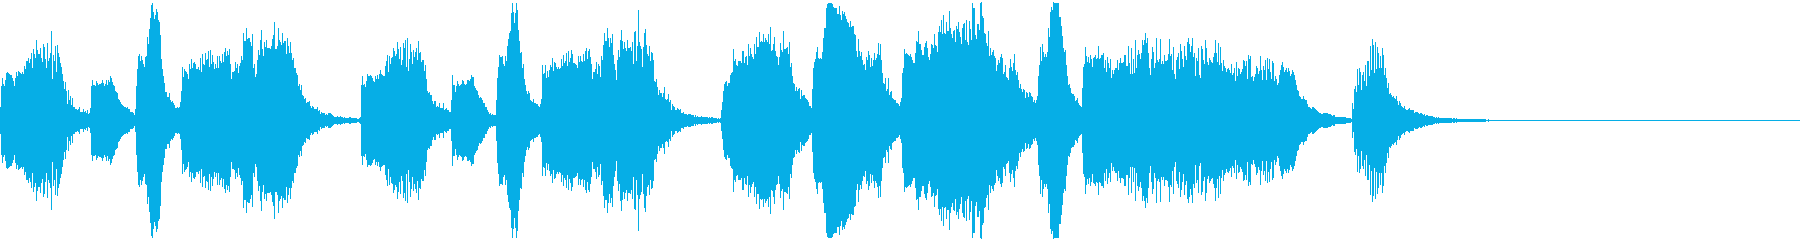 ファンタジー向けオーケストラジングルの再生済みの波形